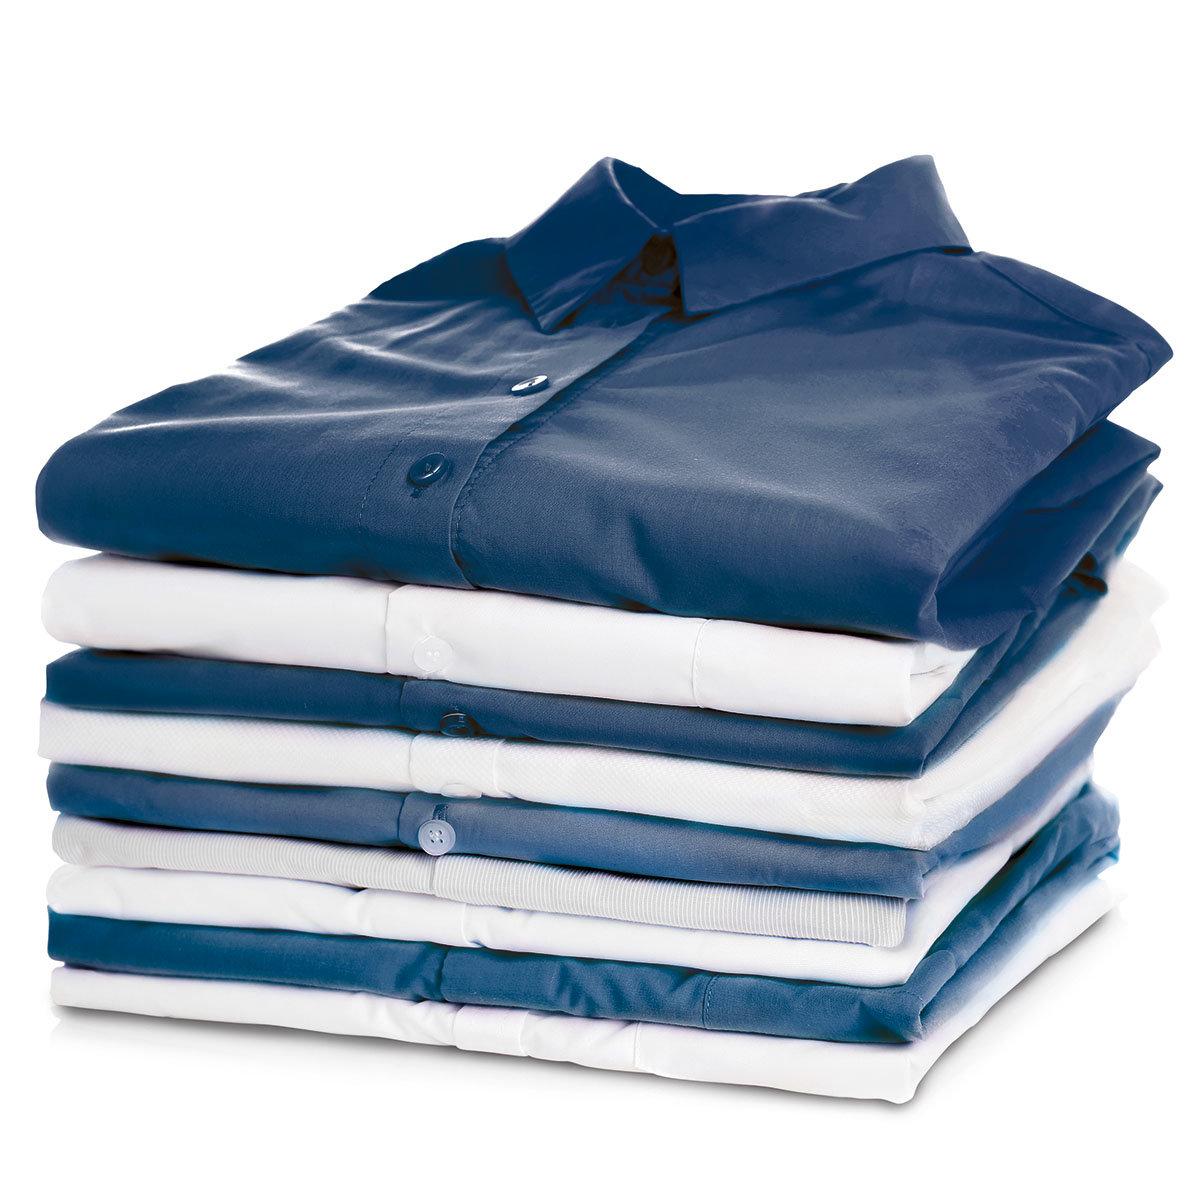 Hemden- & Blusenbügler | #6